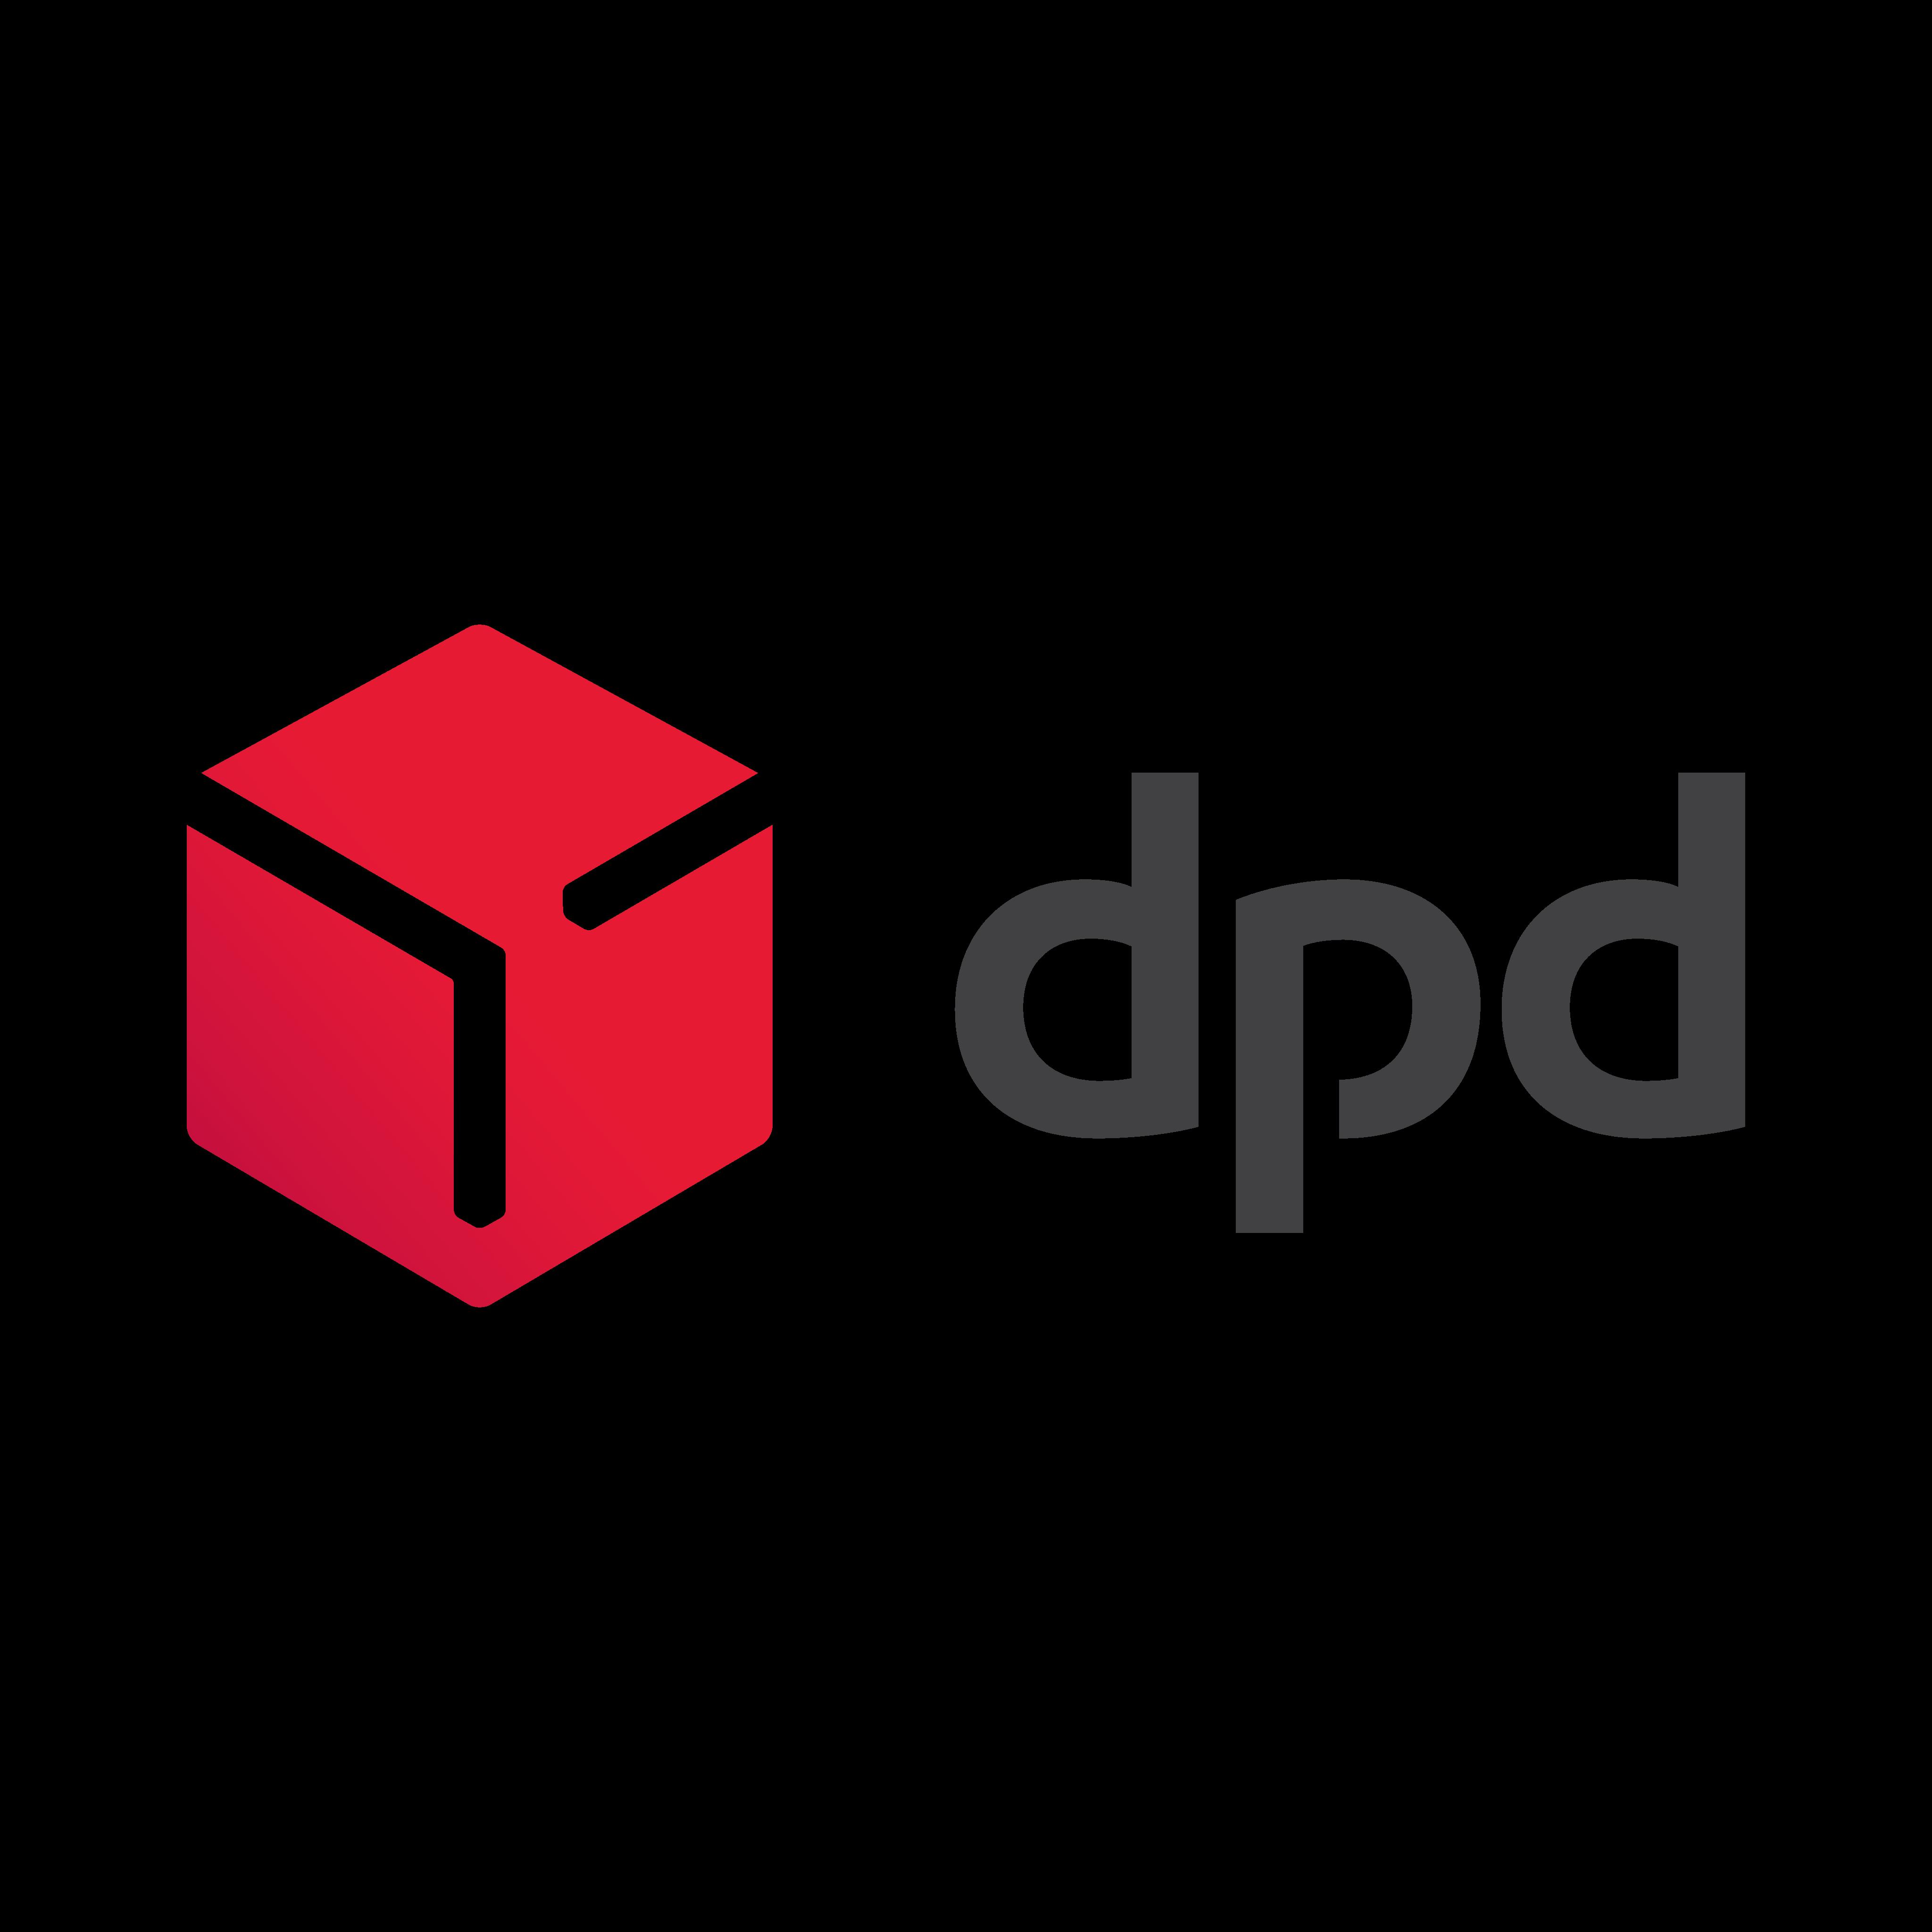 dpd logo 0 - DPD Group Logo